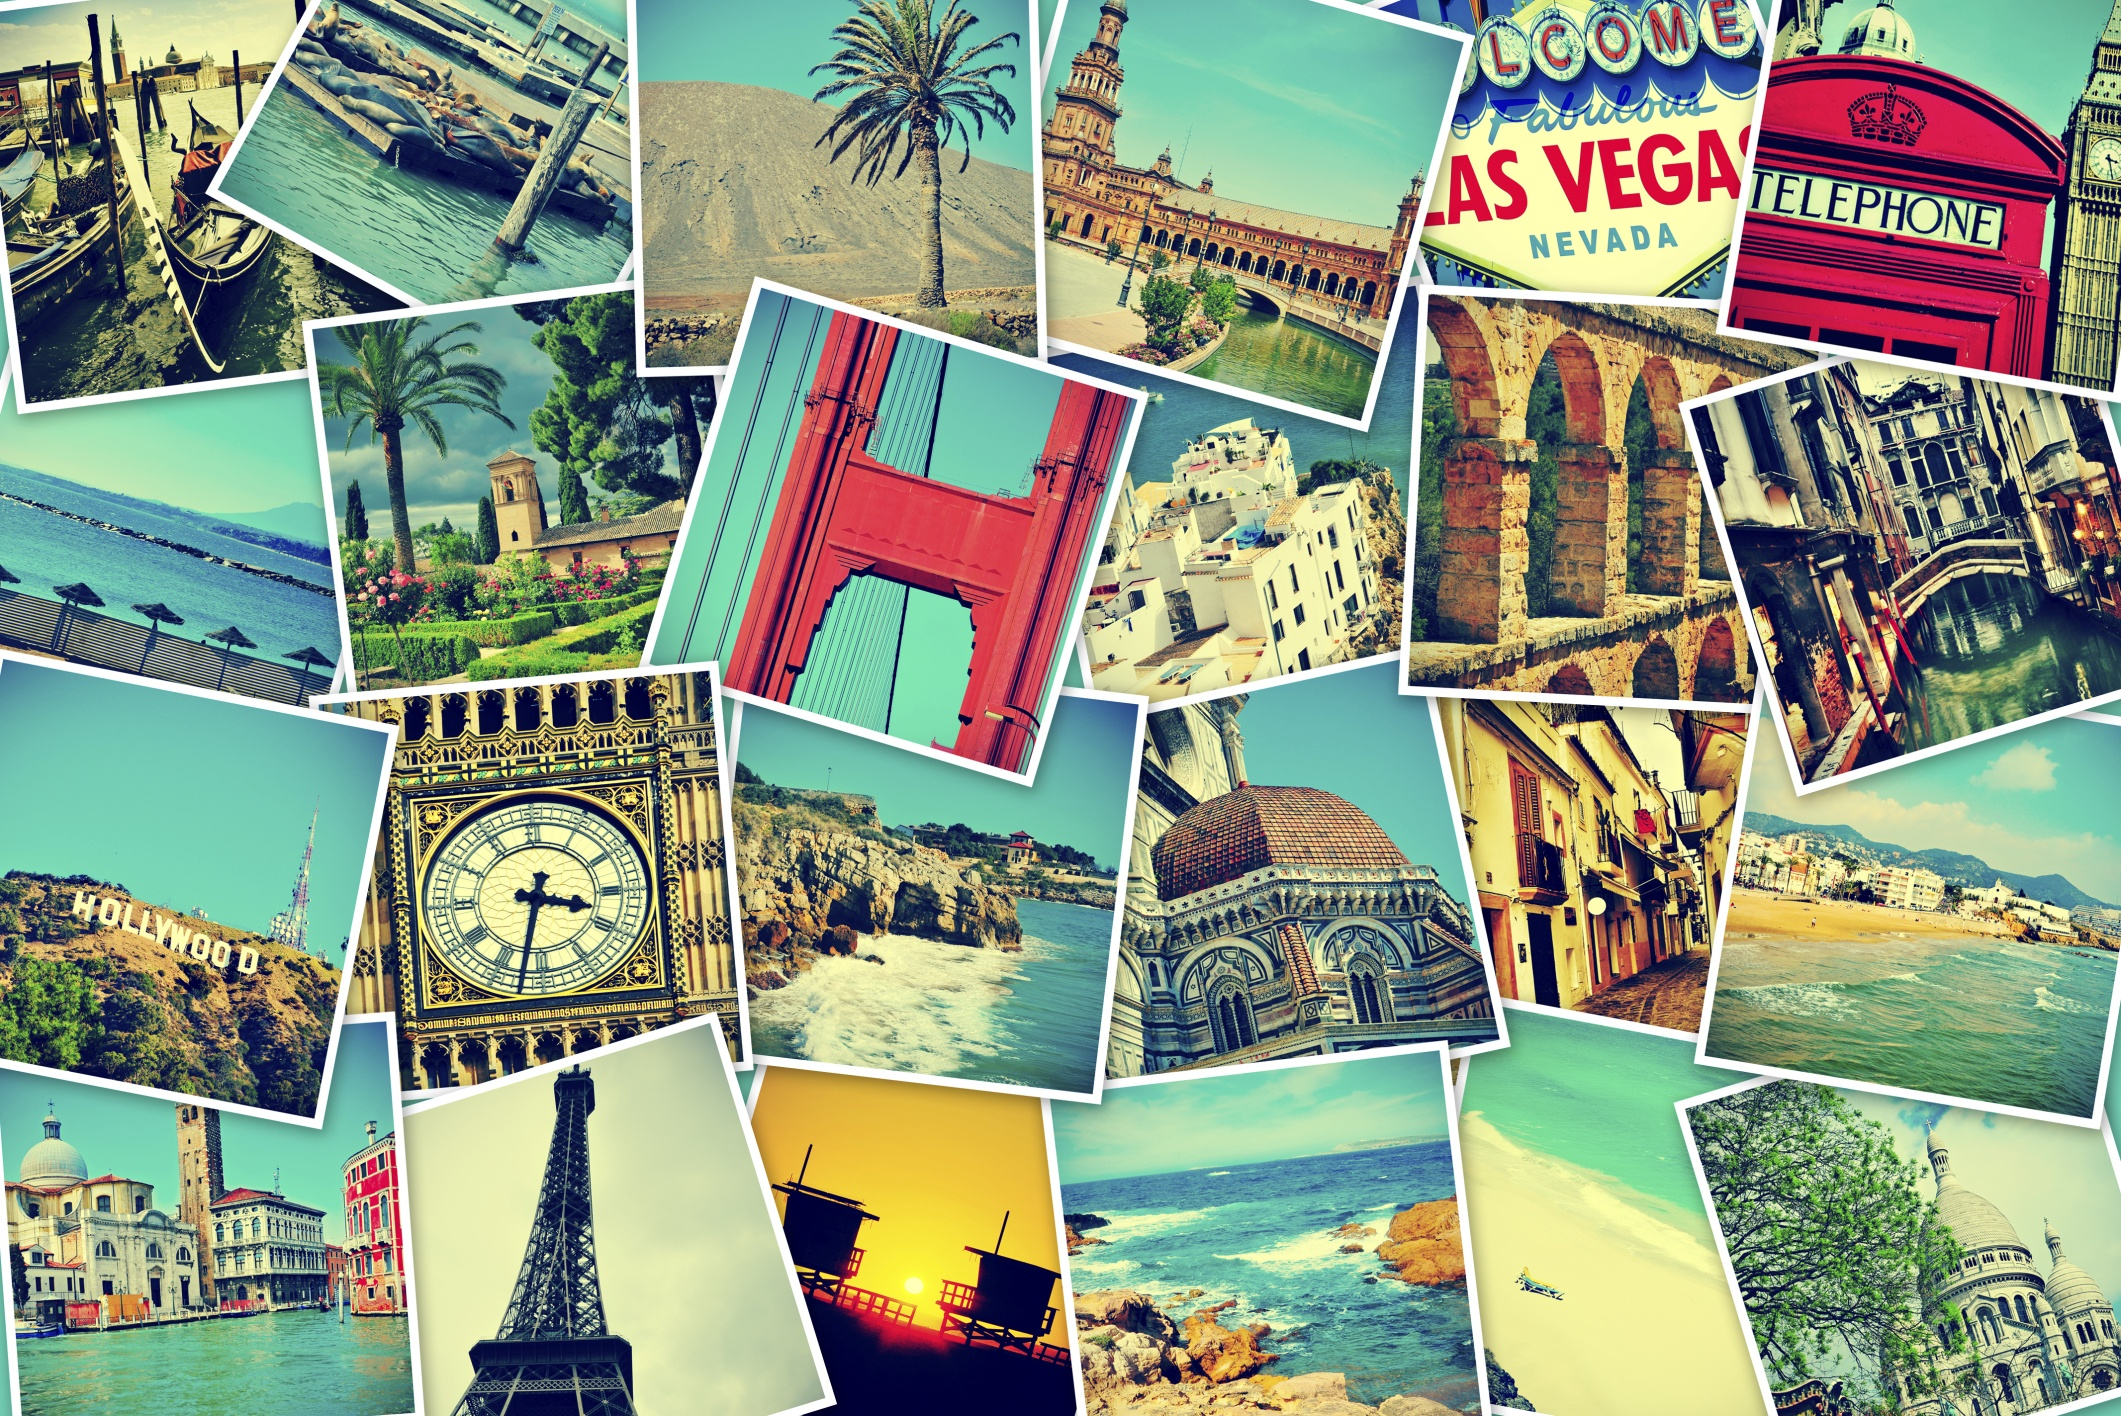 http://cdn2.hubspot.net/hubfs/32387/flickr-portfolio.jpg